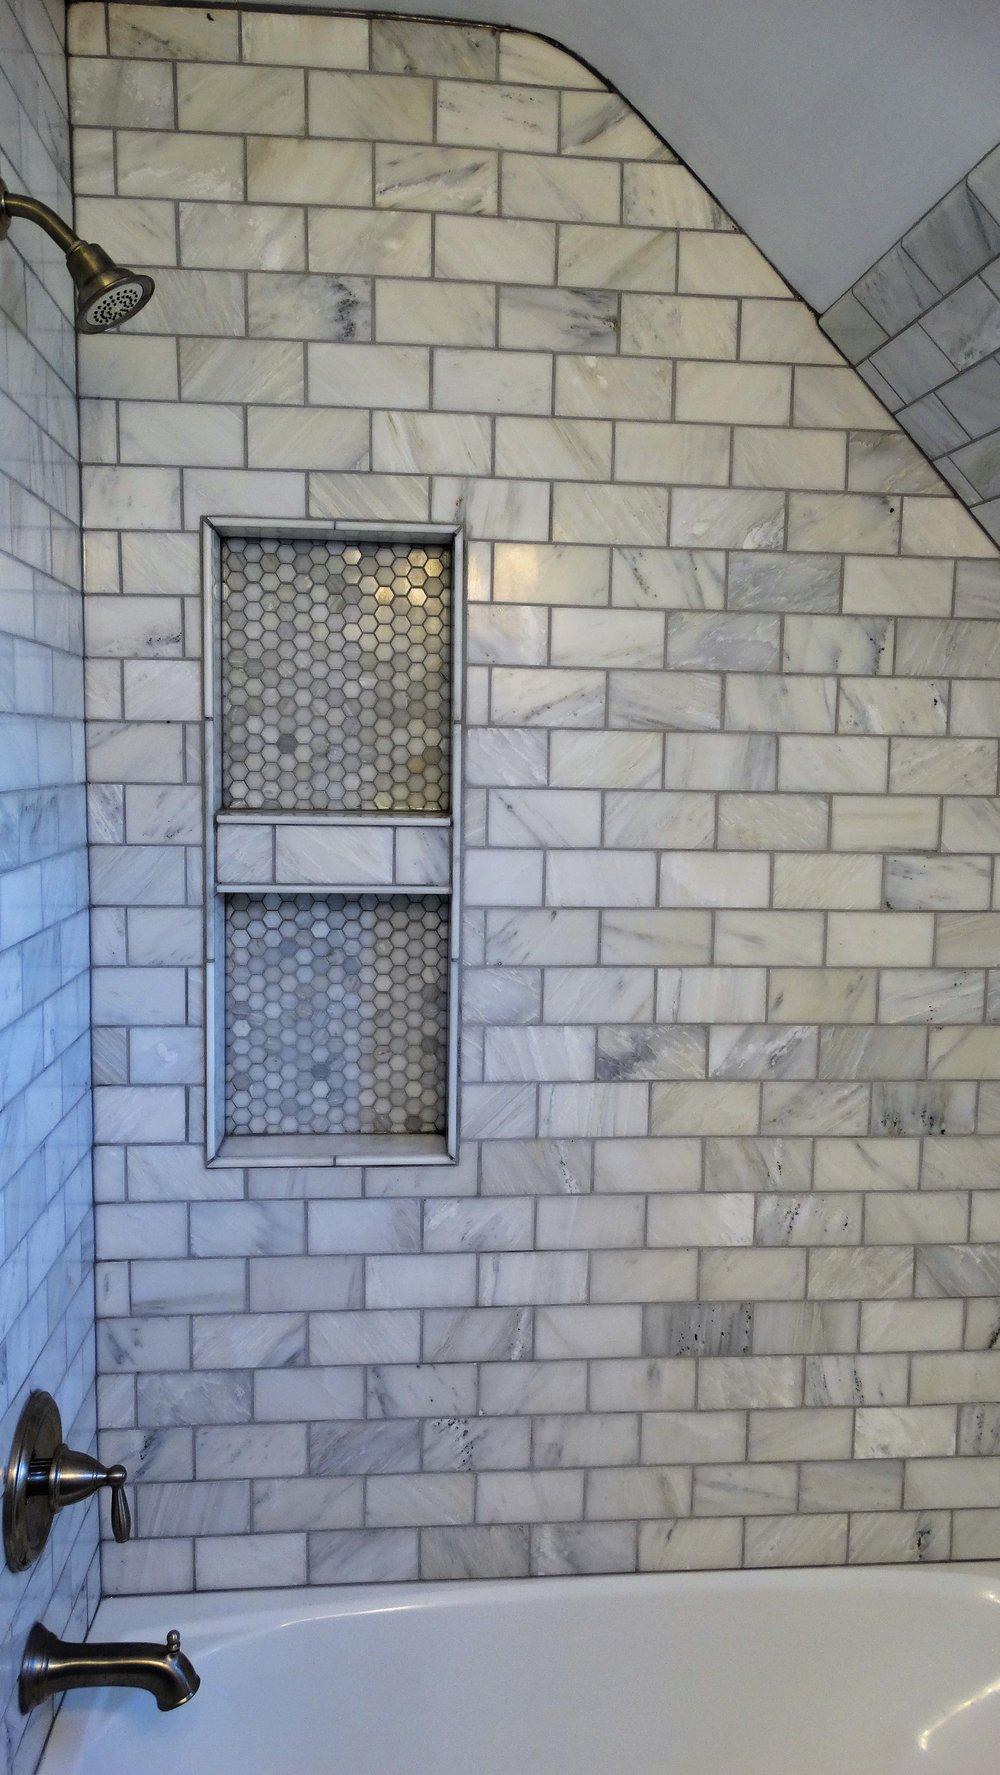 tile-niches-marble-detail-bathroom-remodel-westlake-ohio.jpg